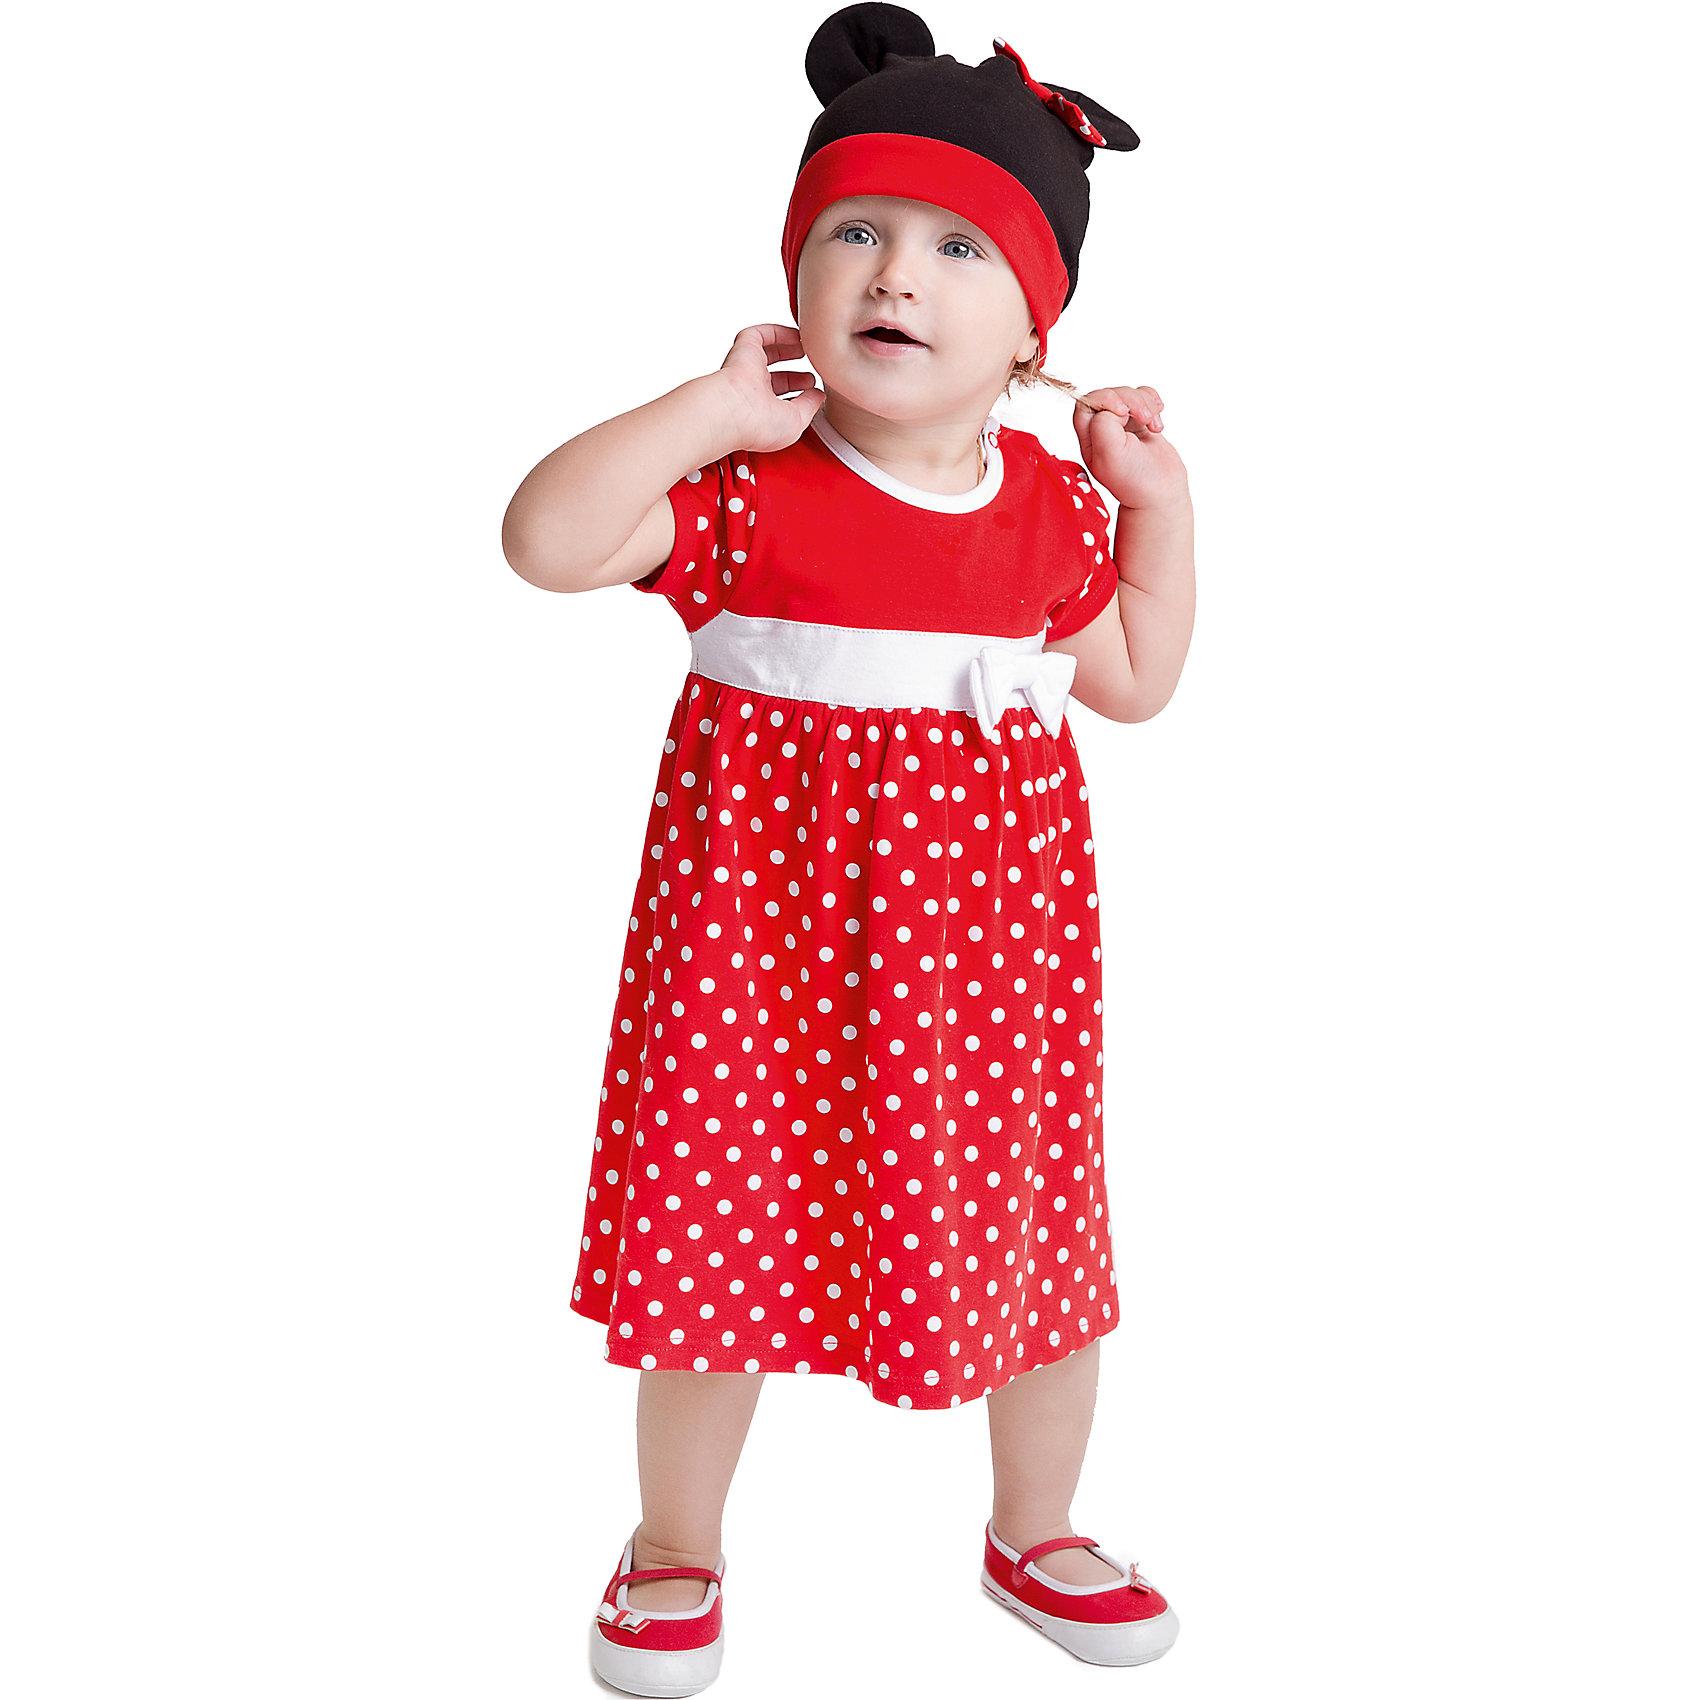 Комплект для девочки: боди и шапочка PlayTodayКомплект для девочки: боди и шапочка PlayToday. <br>Состав: 95% хлопок, 5% эластан <br><br>* Праздничный наряд для маленькой девочки - платьице-боди и шапочка с ушками Минни Мауса <br>* Актуальная расцветка в белый горошек <br>* Рукава- фонарики <br>* Платишко декорировано белым поясом с бантиком из атласной ленты <br>* Шапочка имеет контрастную окантовку и симпотичный бантик<br><br>Ширина мм: 157<br>Глубина мм: 13<br>Высота мм: 119<br>Вес г: 200<br>Цвет: красный<br>Возраст от месяцев: 12<br>Возраст до месяцев: 15<br>Пол: Женский<br>Возраст: Детский<br>Размер: 80,74<br>SKU: 3892795